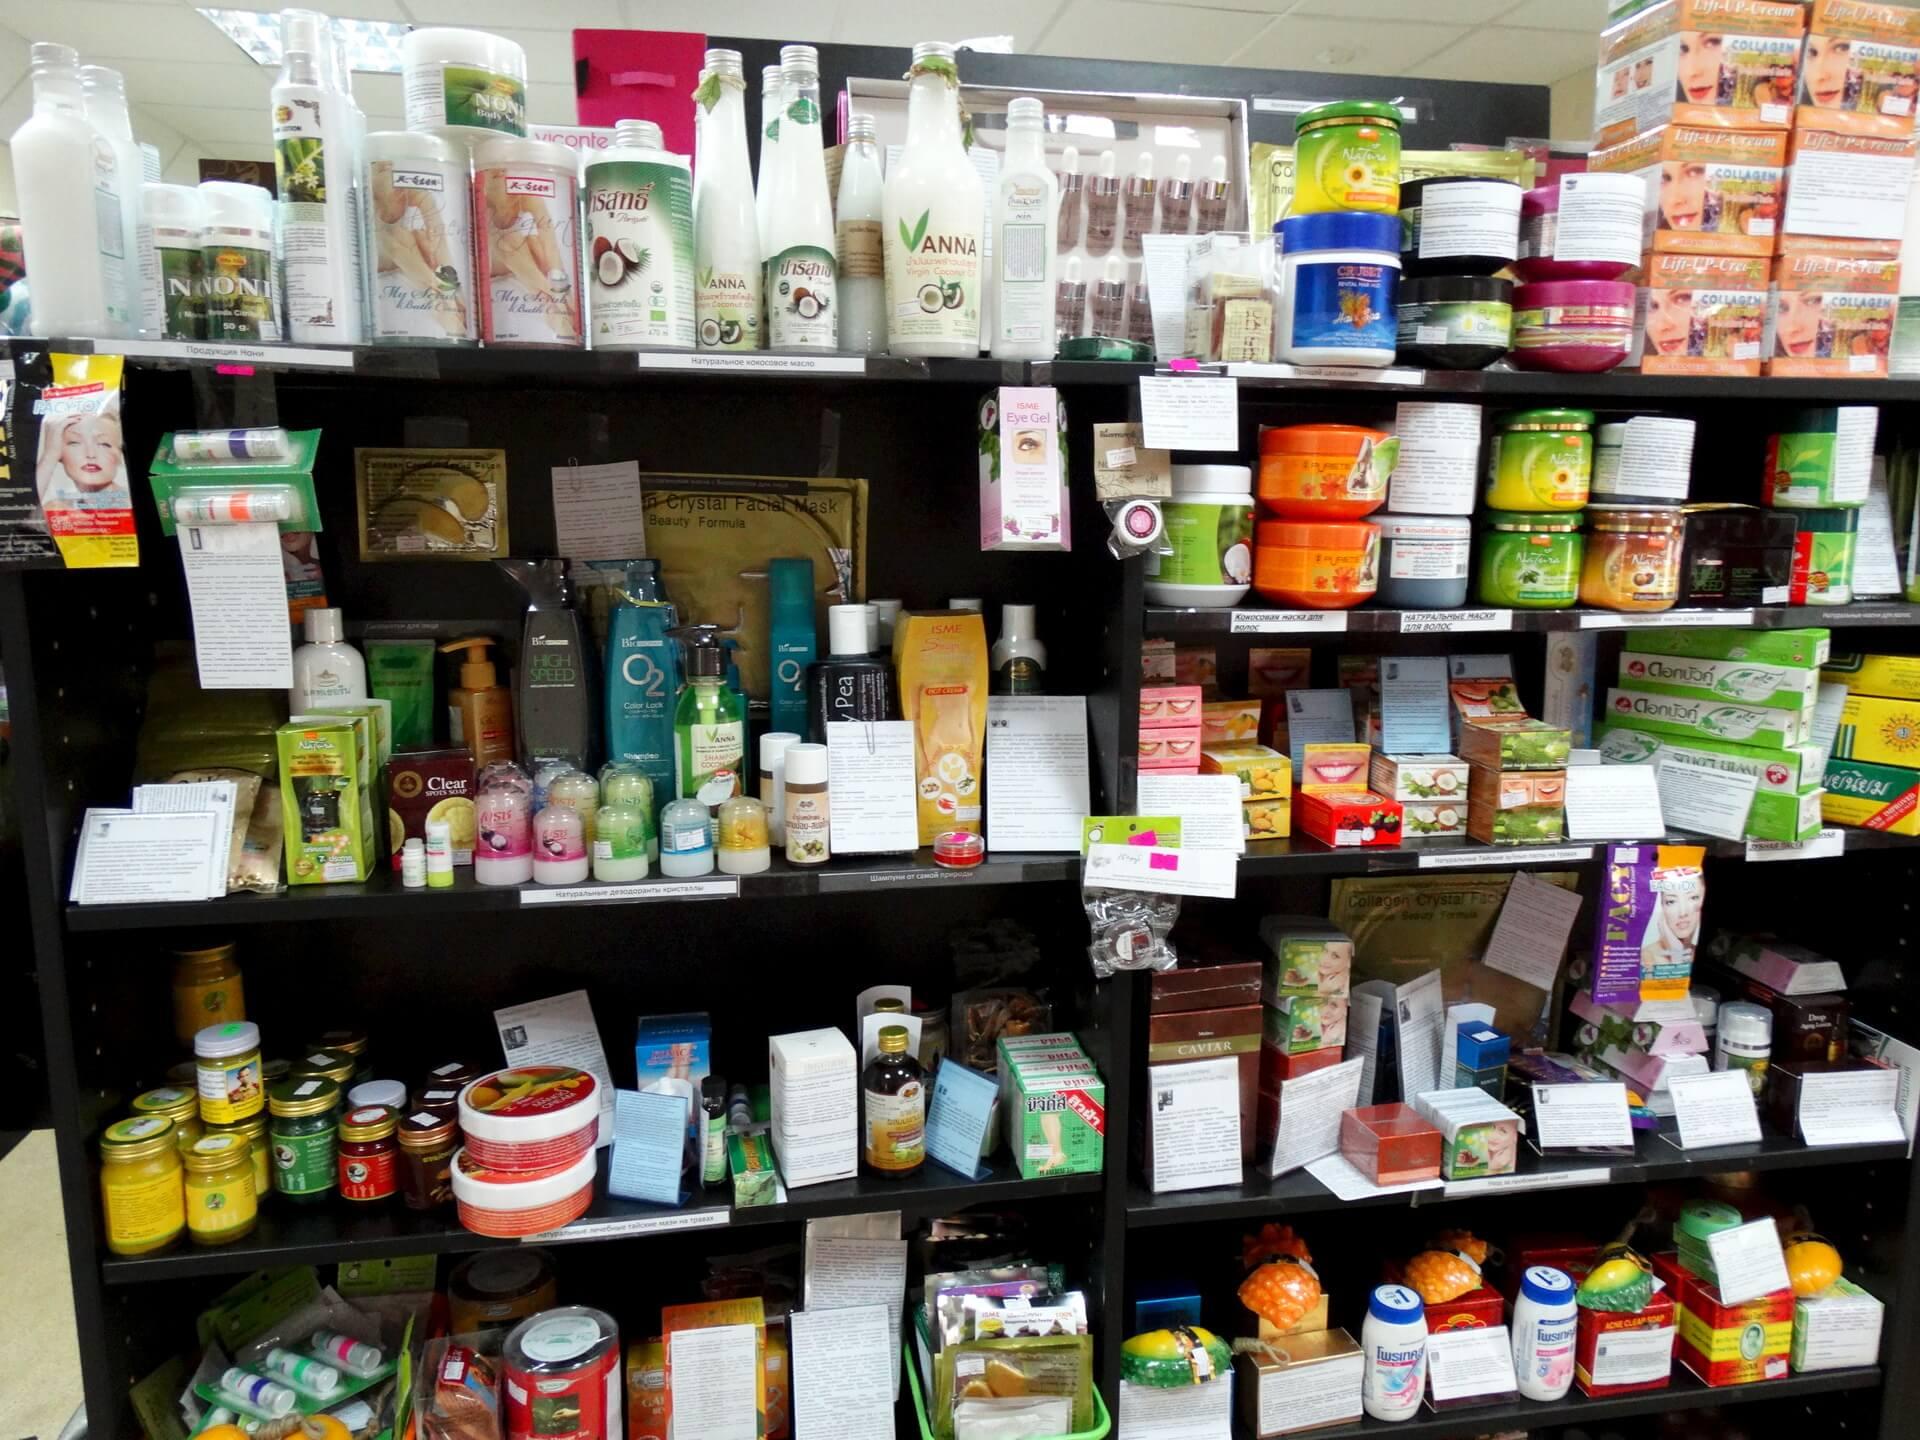 Купить тайскую косметику в интернет магазине в москве чемоданчик косметики markwins купить